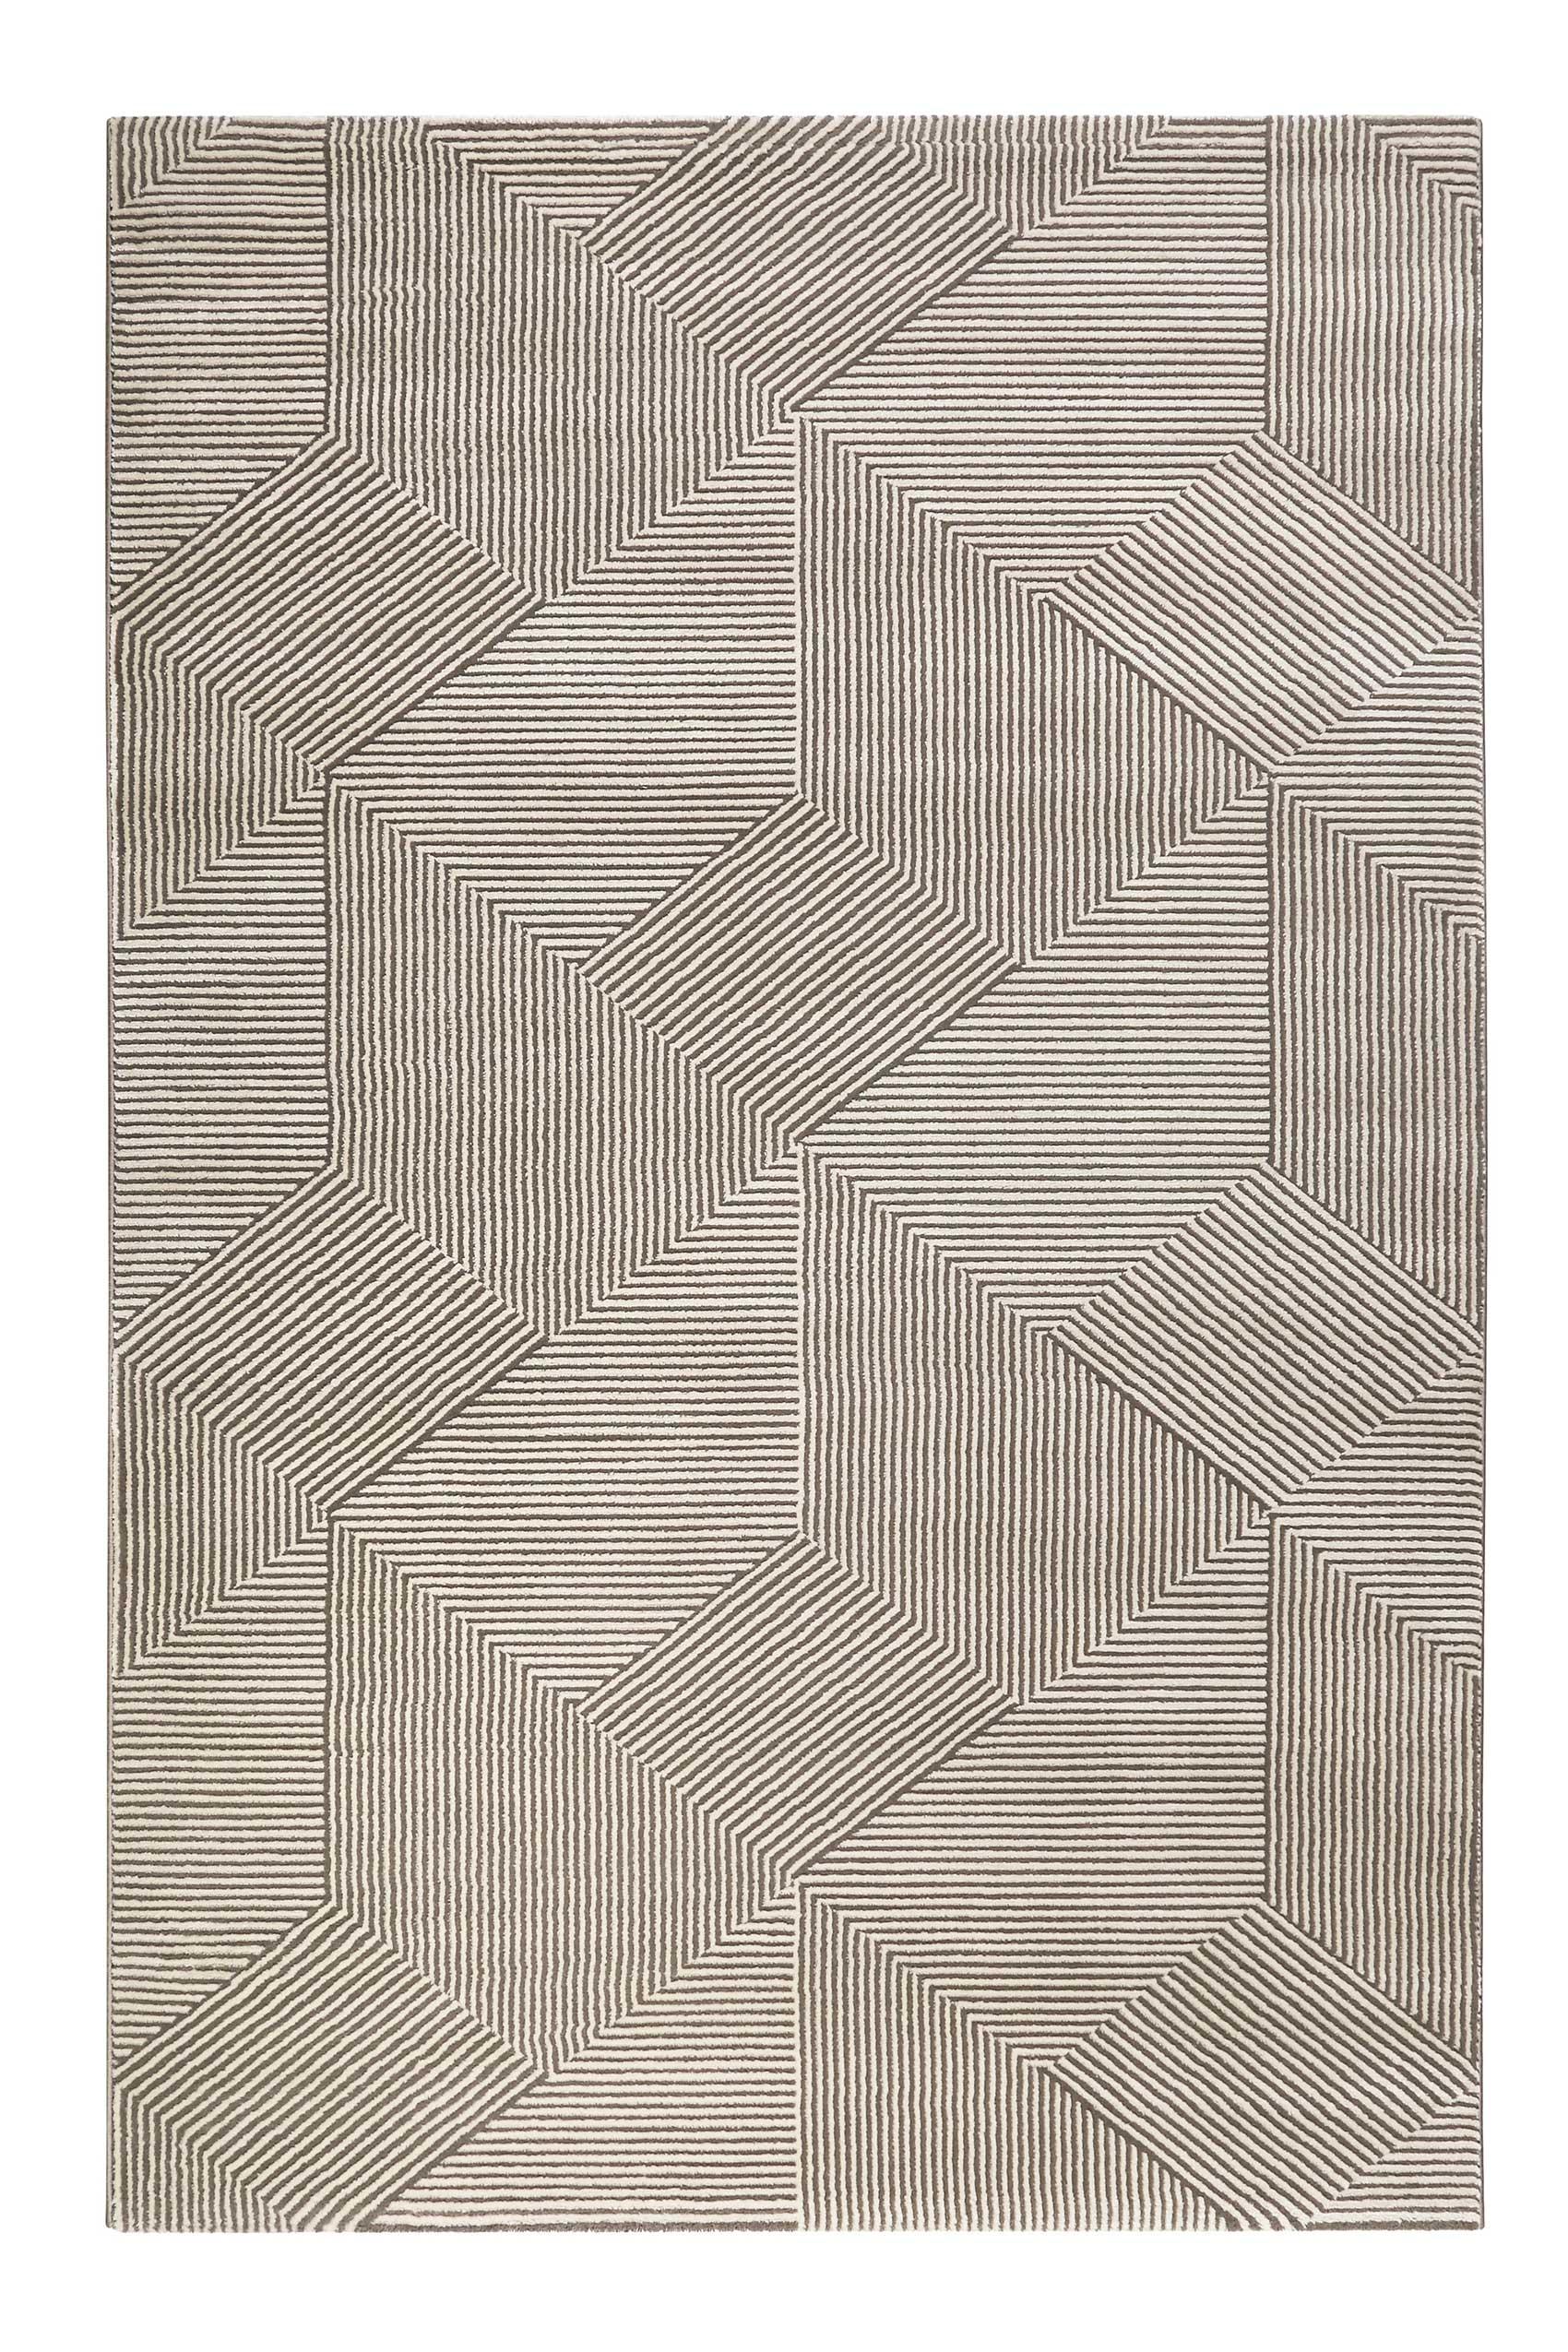 Tapis motif géométrique relief beige taupe 225x160